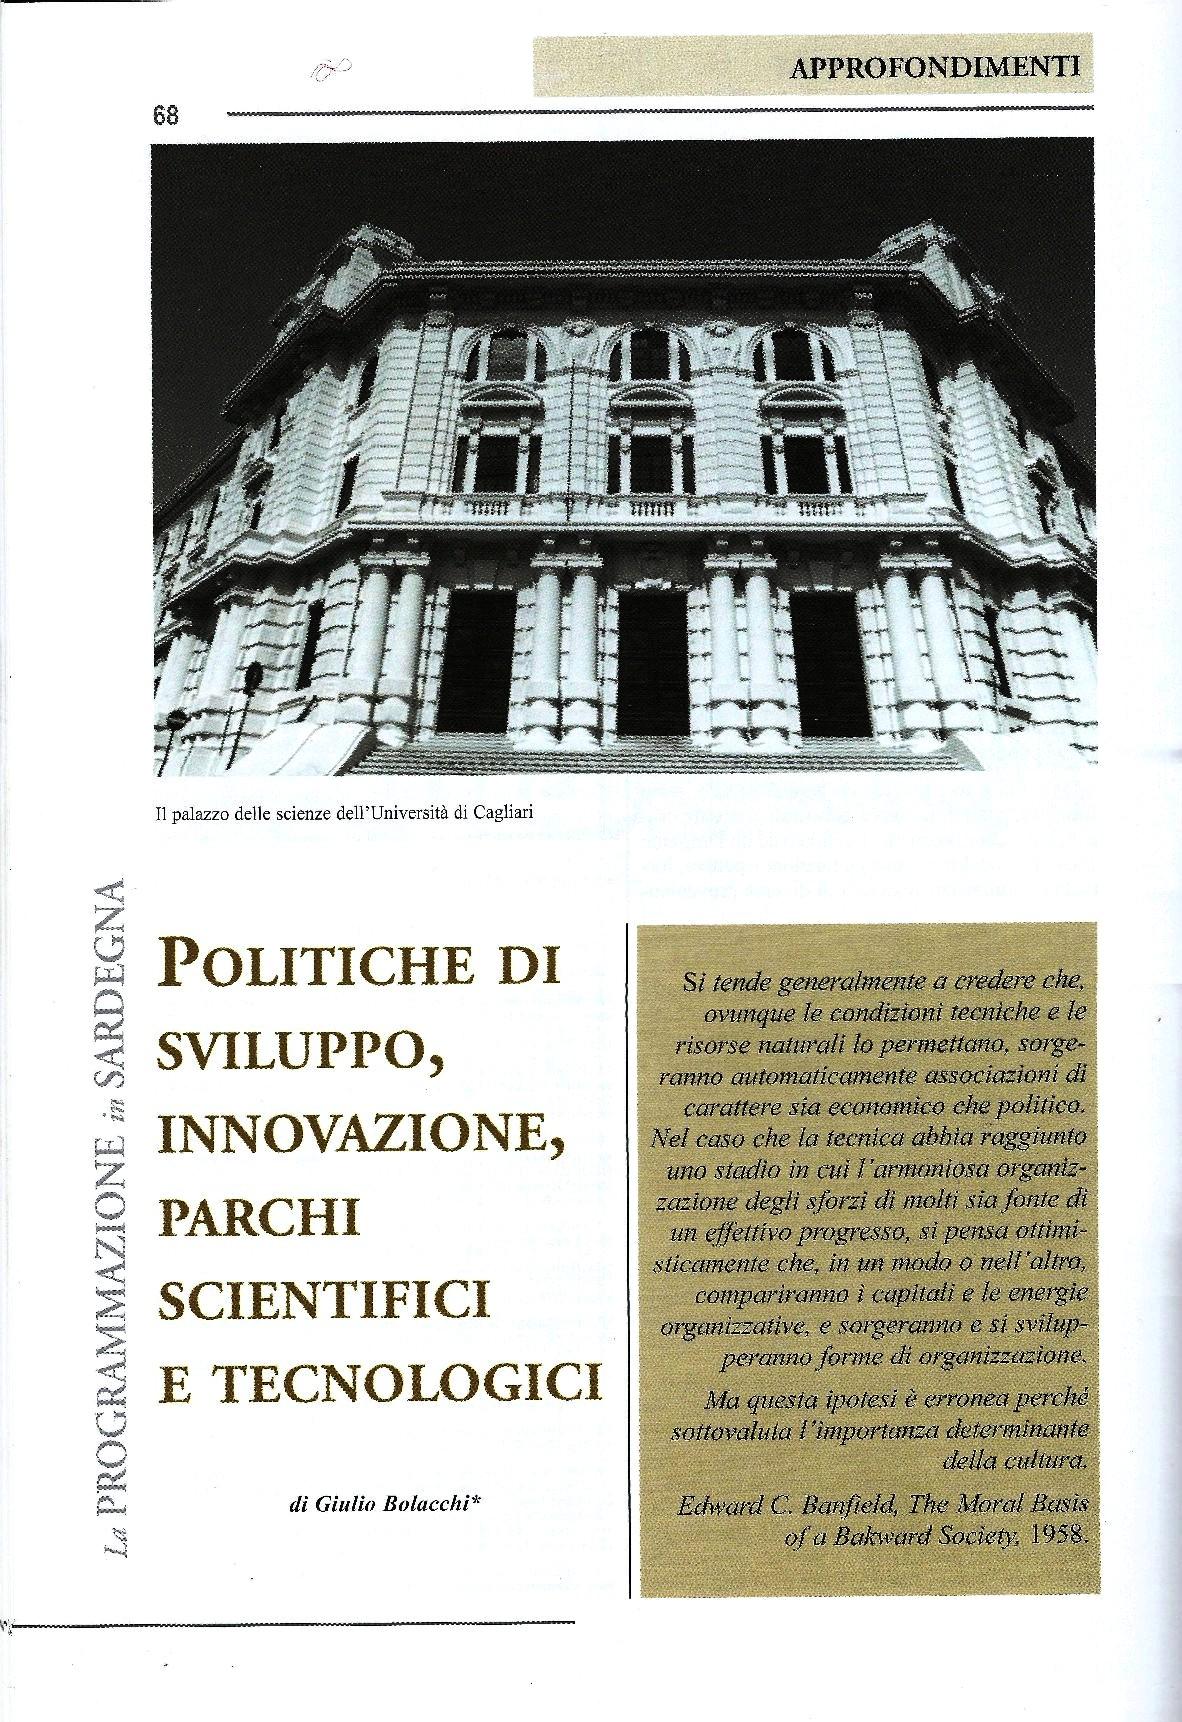 """G. Bolacchi, Politiche di sviluppo, innovazione, parchi scientifici e tecnologici, """"La programmazione in Sardegna"""", anno XXXIV, n.2, pp. 68-106, 2001 (novembre)"""